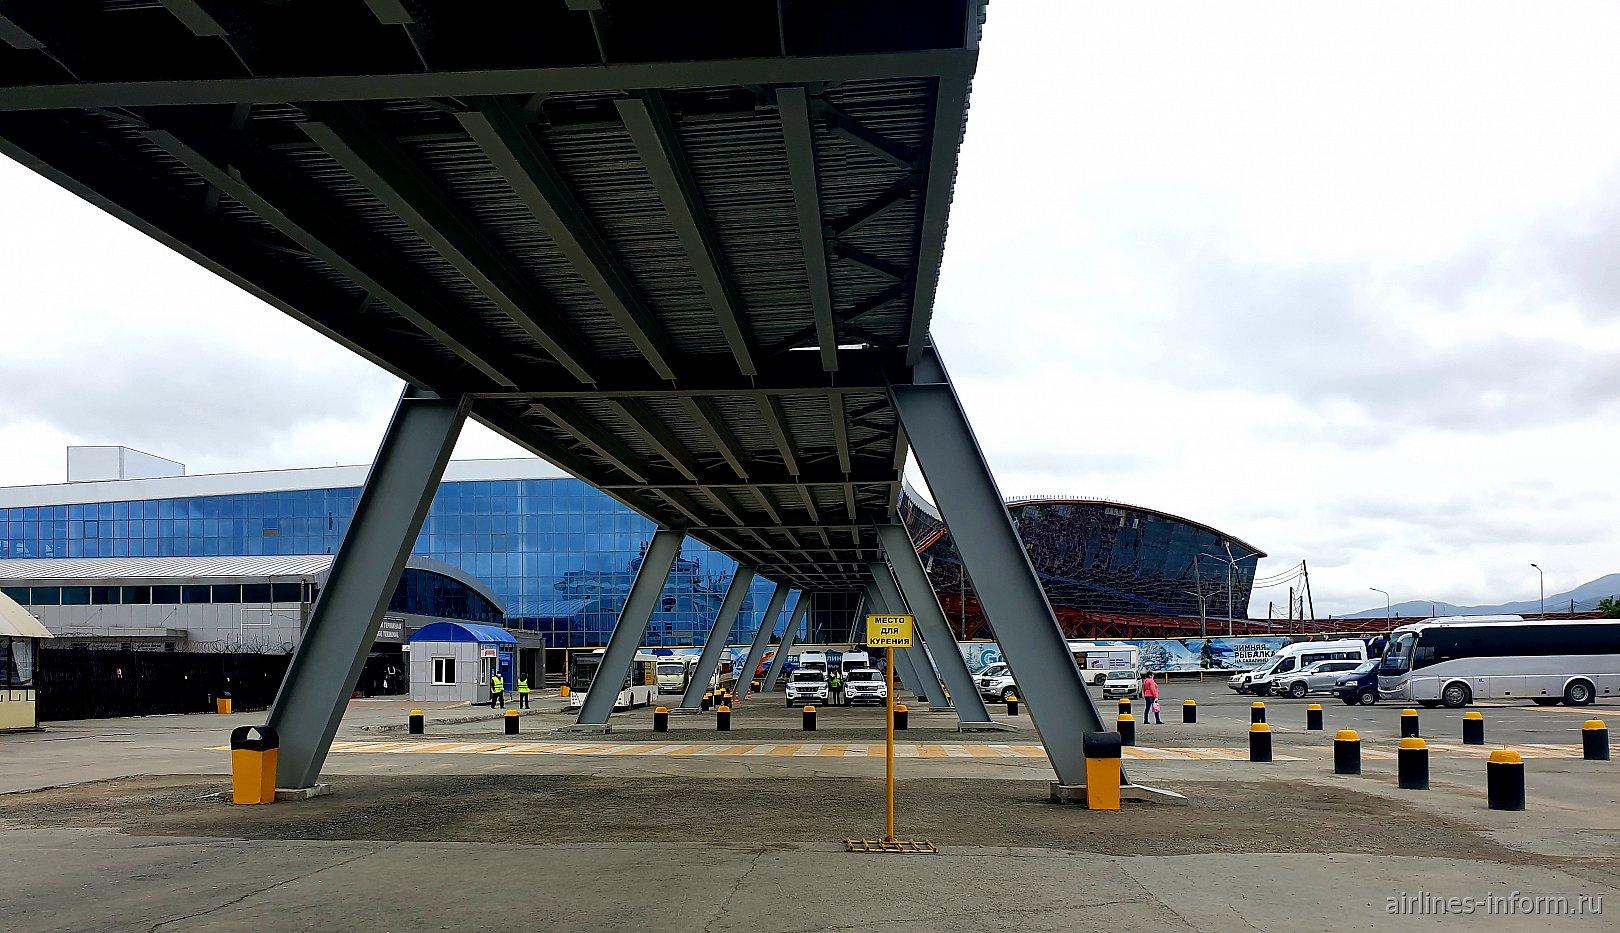 Строящийся новый пассажирский терминал в аэропорту Южно-Сахалинск Хомутово